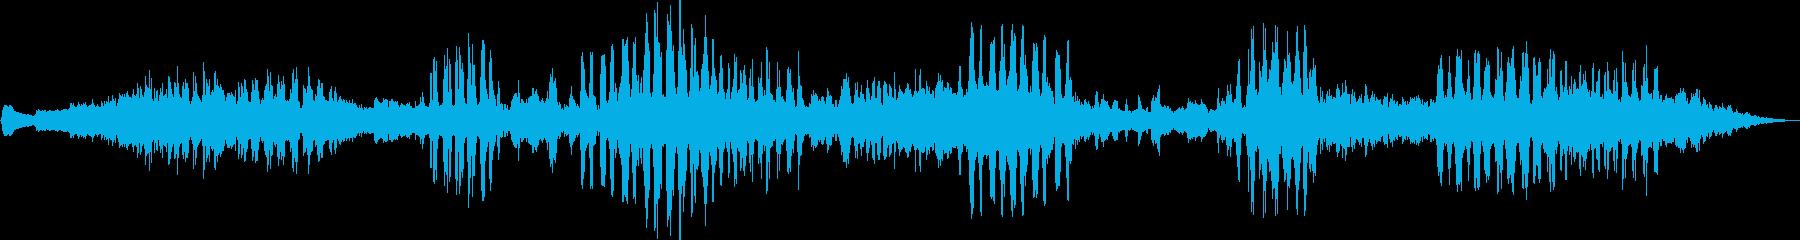 ラジオプロダクションシーン:リラッ...の再生済みの波形